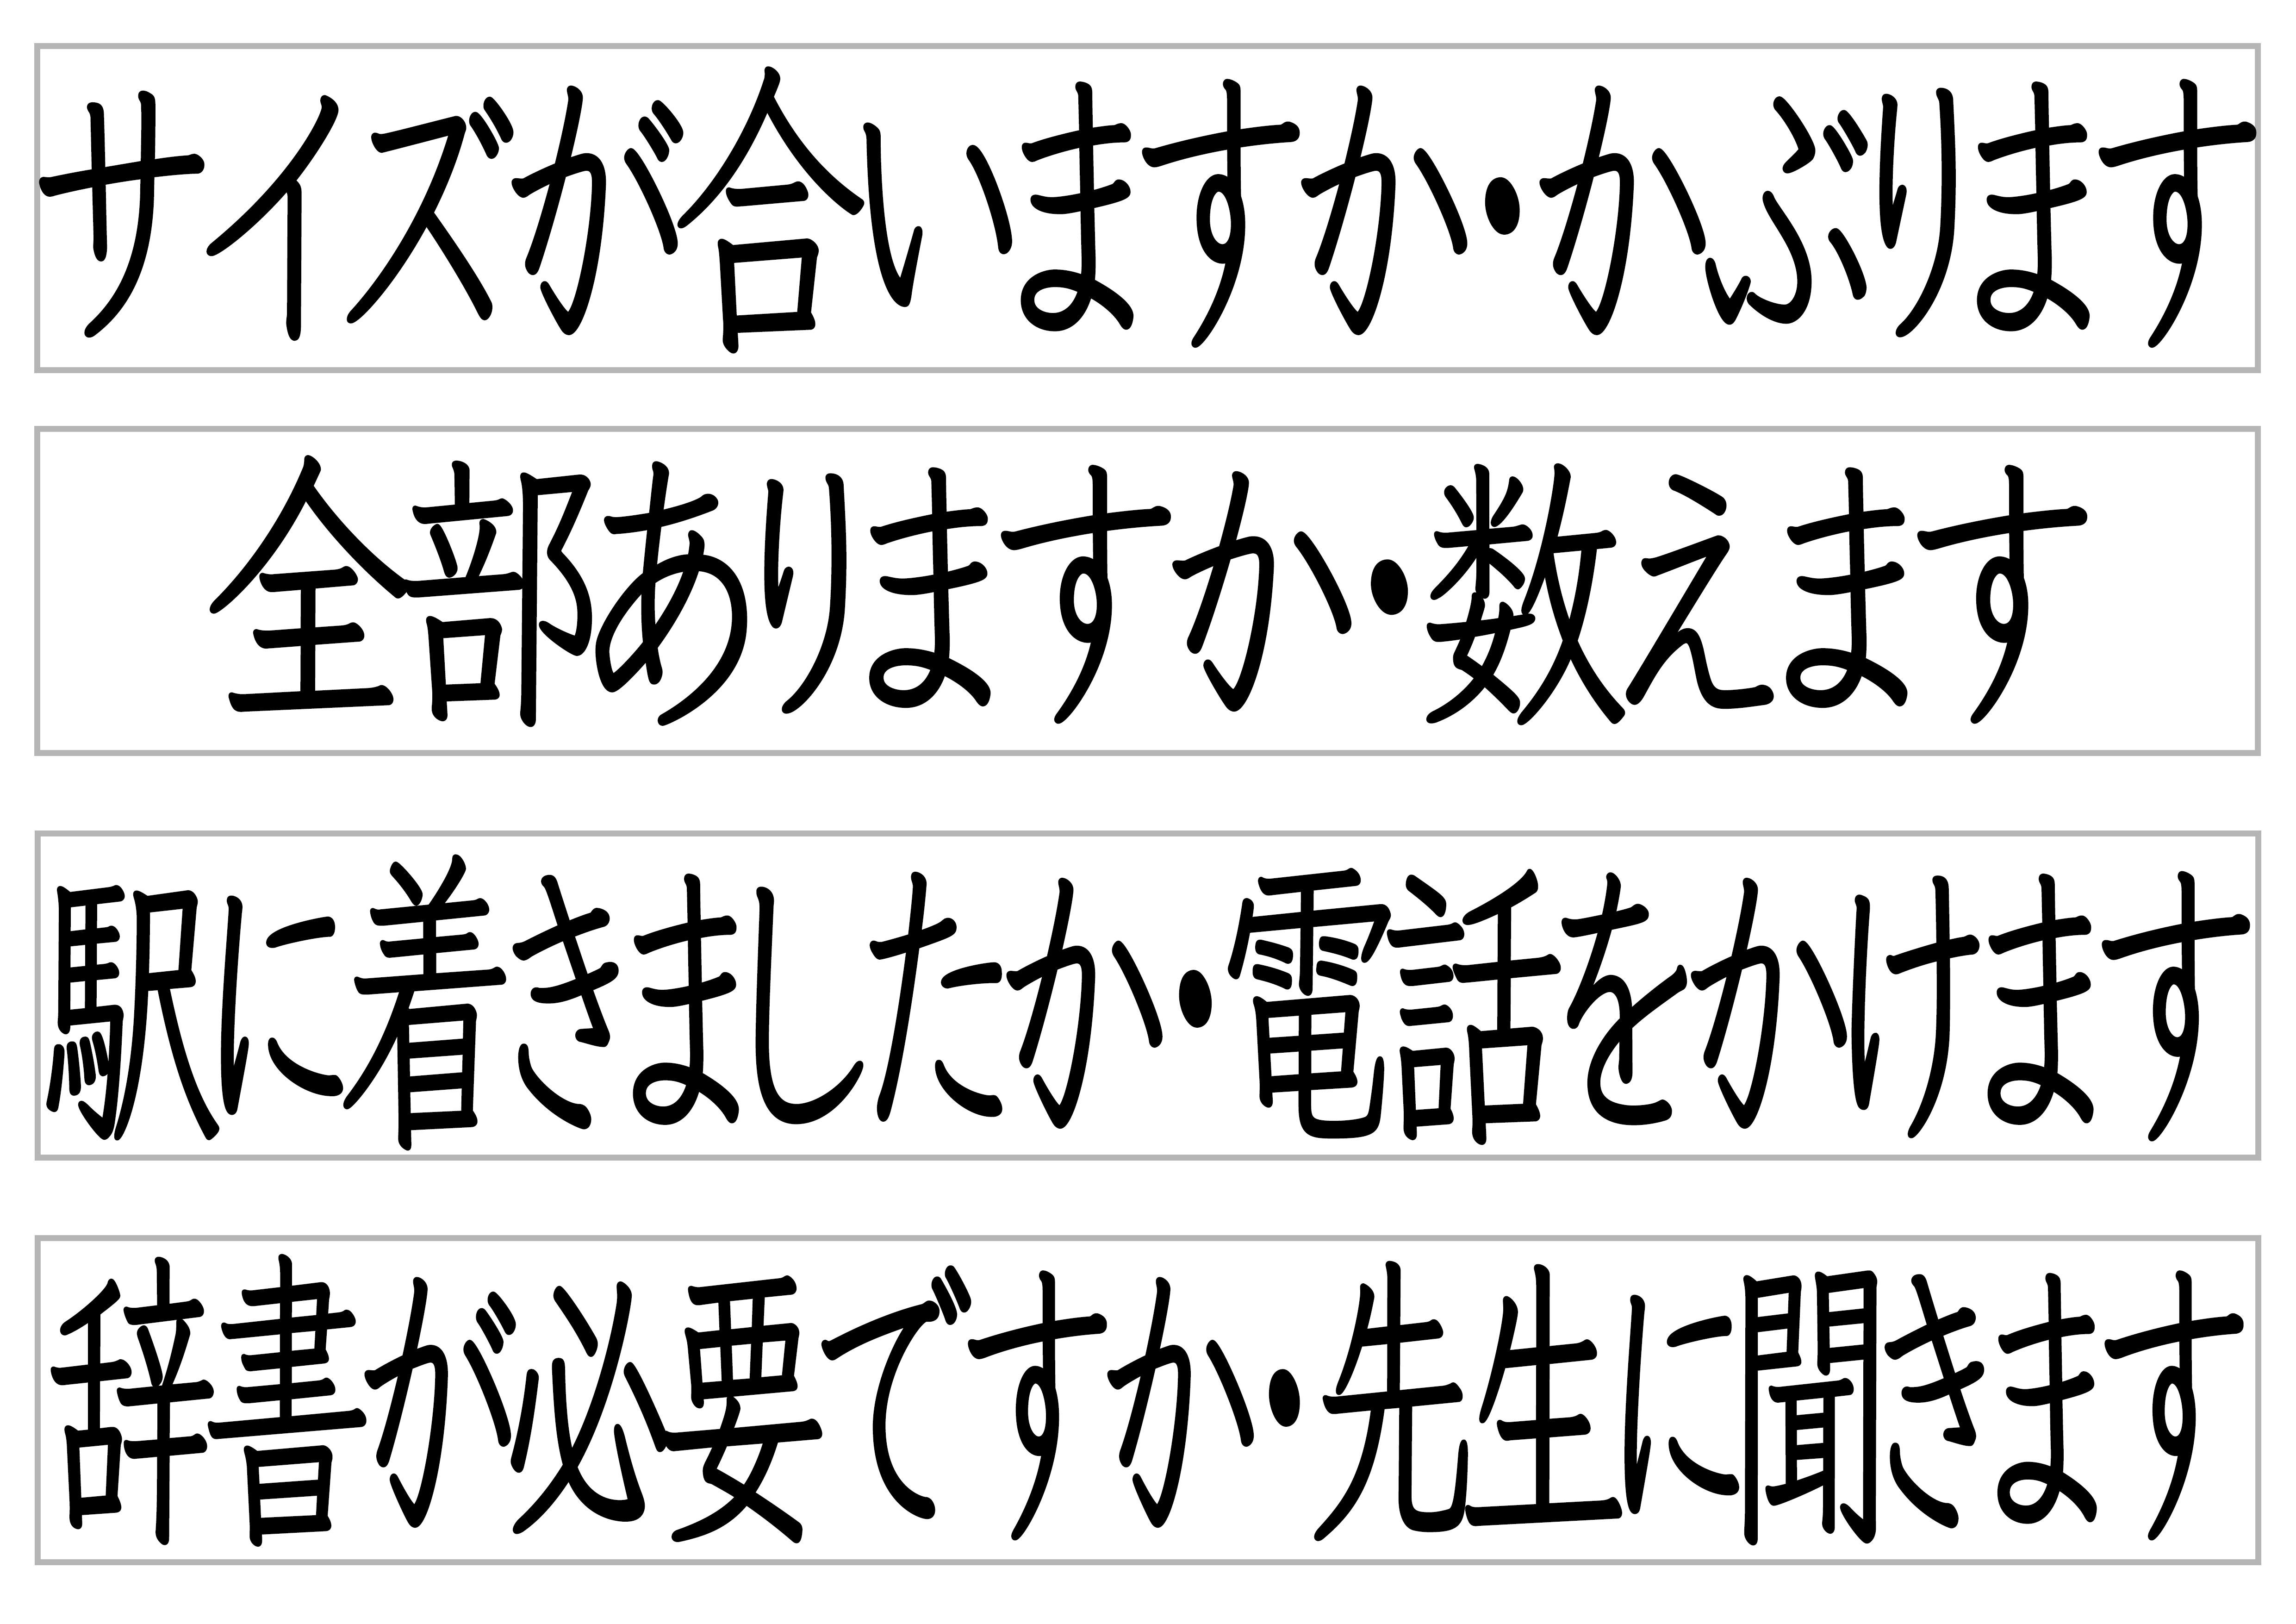 40課文字カード【〜か/〜かどうか/〜てみます】